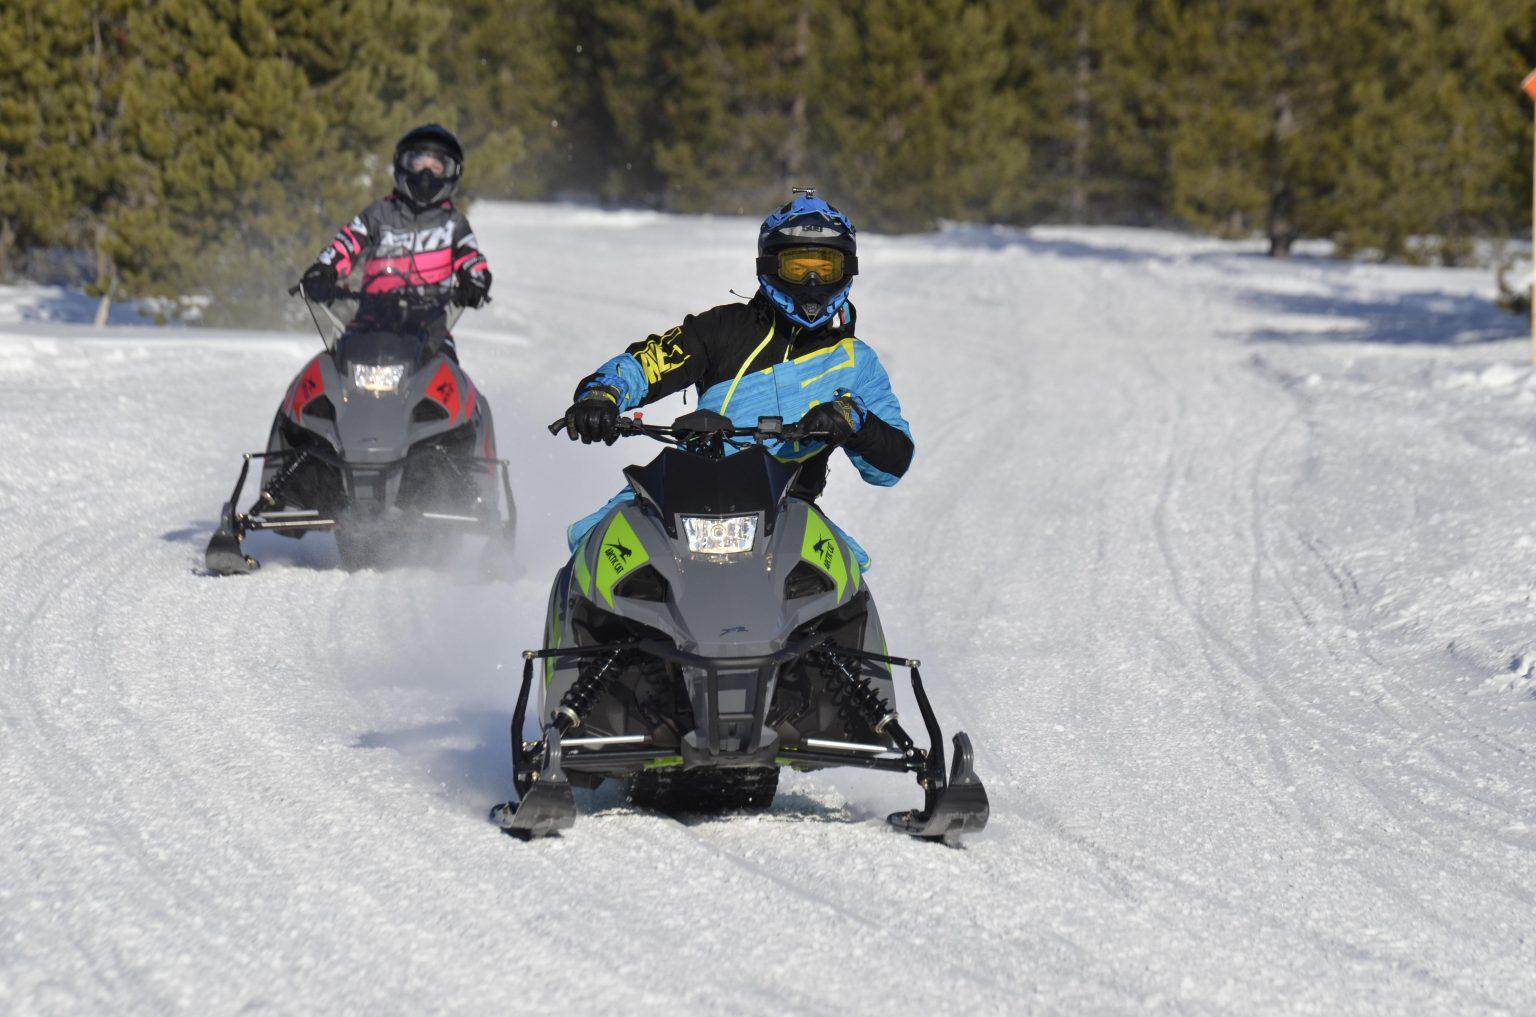 Faire passer l'âge minimal pour conduire une motoneige au Québec de 16 ans à 14 ans